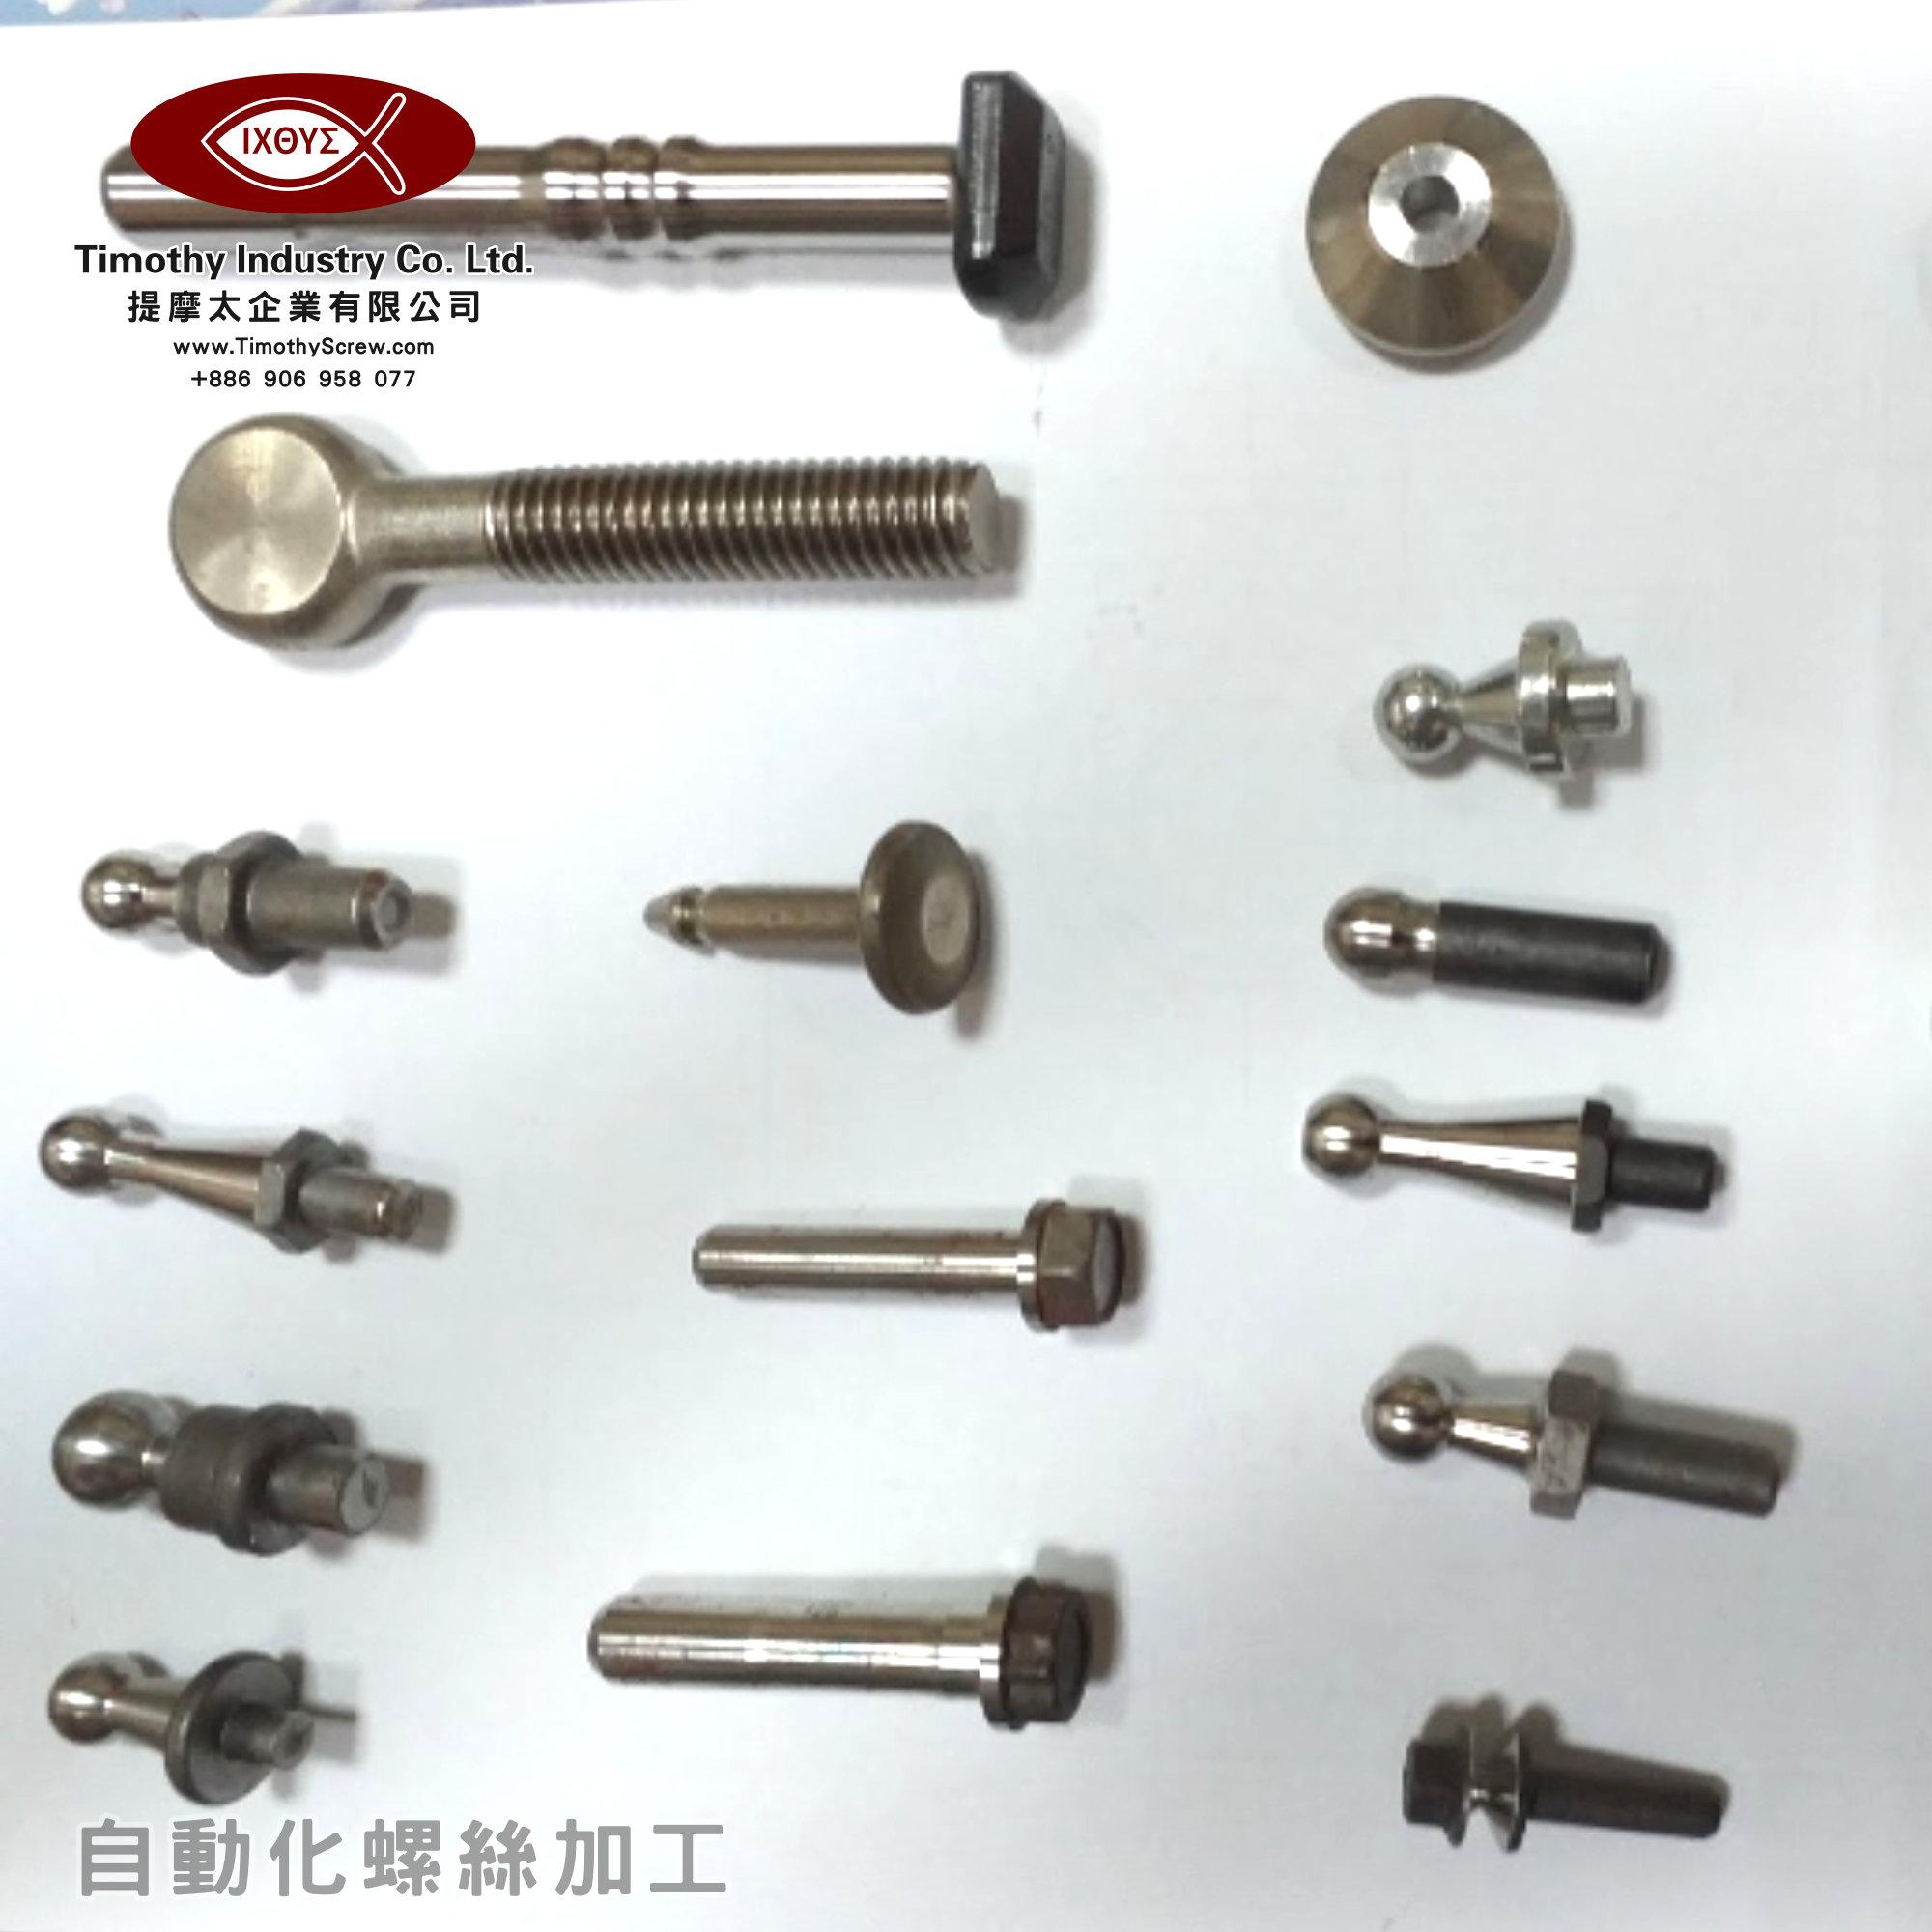 提摩太企業有限公司 Timothy Industry Co Ltd 自動化螺絲加工 車床部 銑床部 台灣自動化螺絲加工 螺絲製造 C03